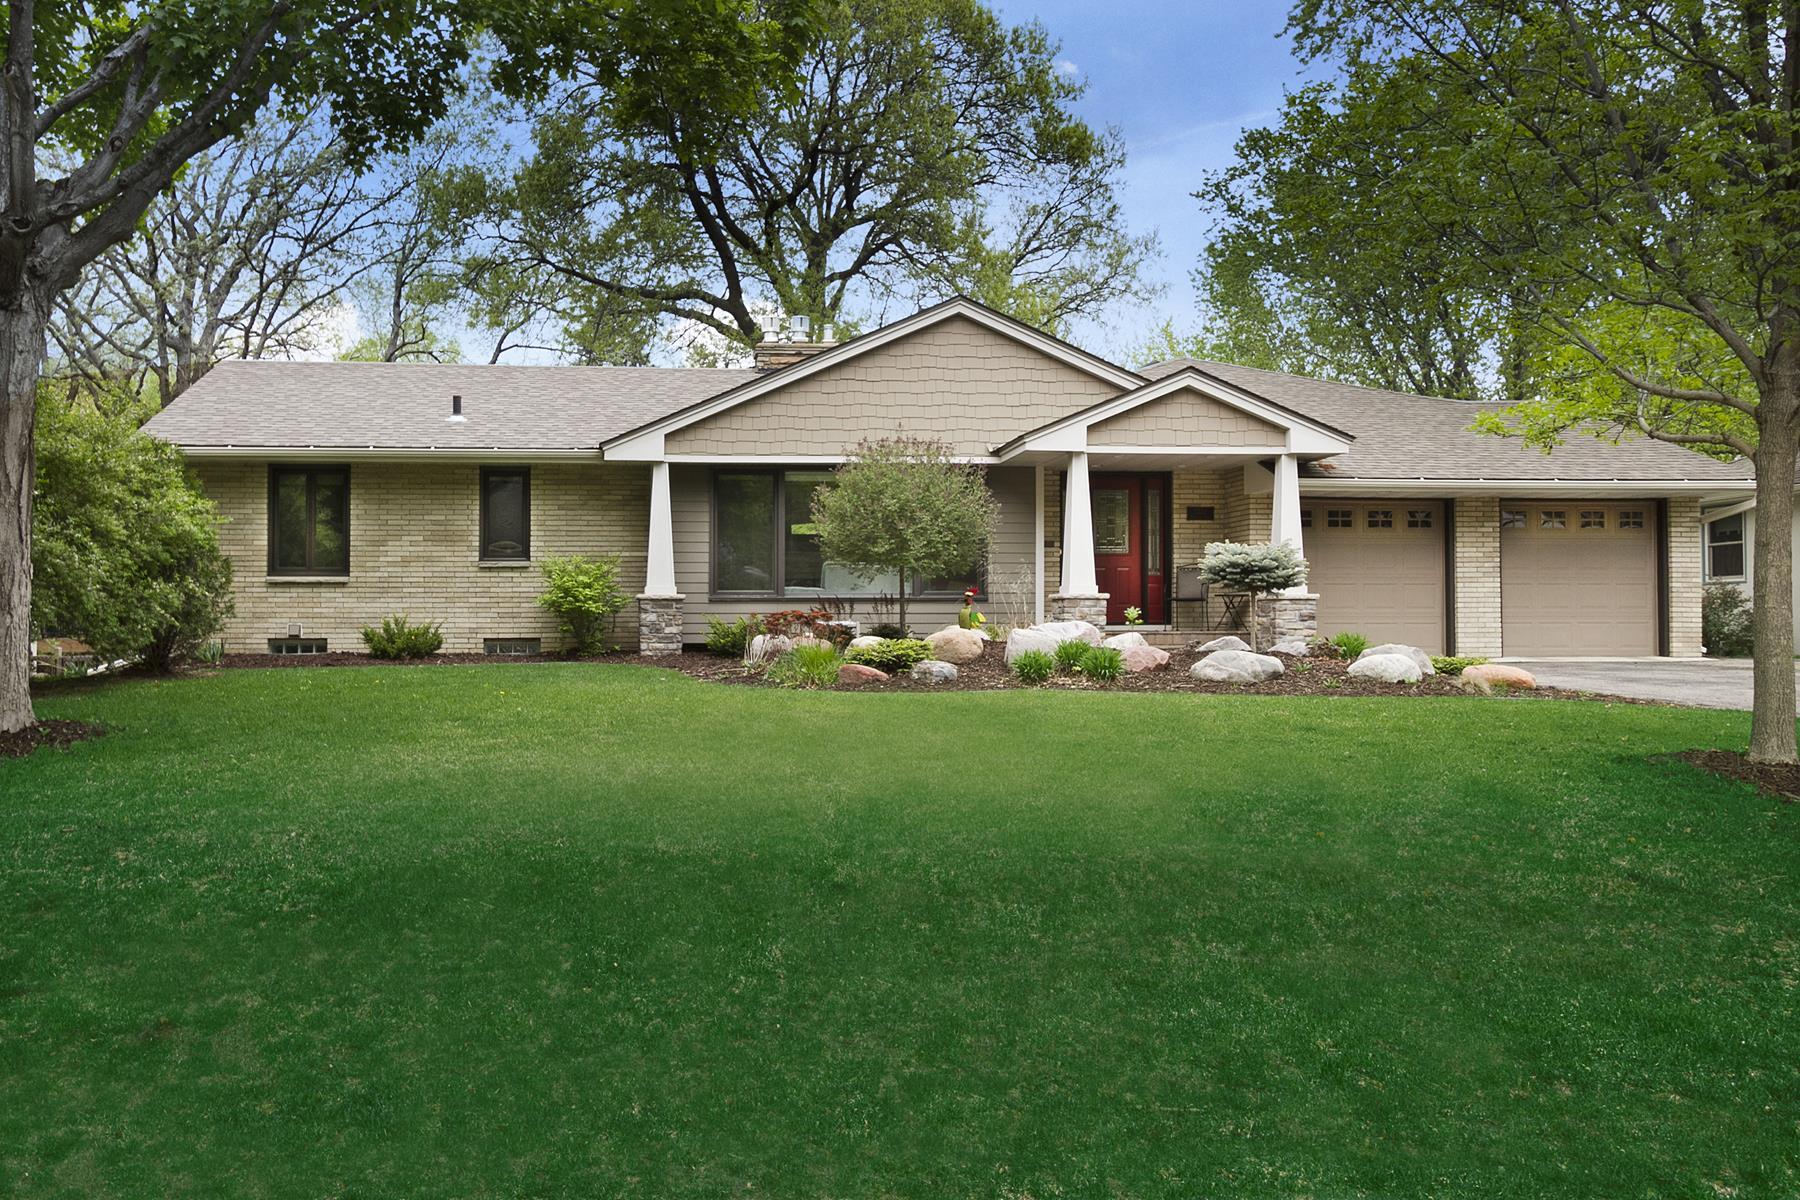 独户住宅 为 销售 在 5220 Richwood Drive 伊代纳, 明尼苏达州, 55436 美国